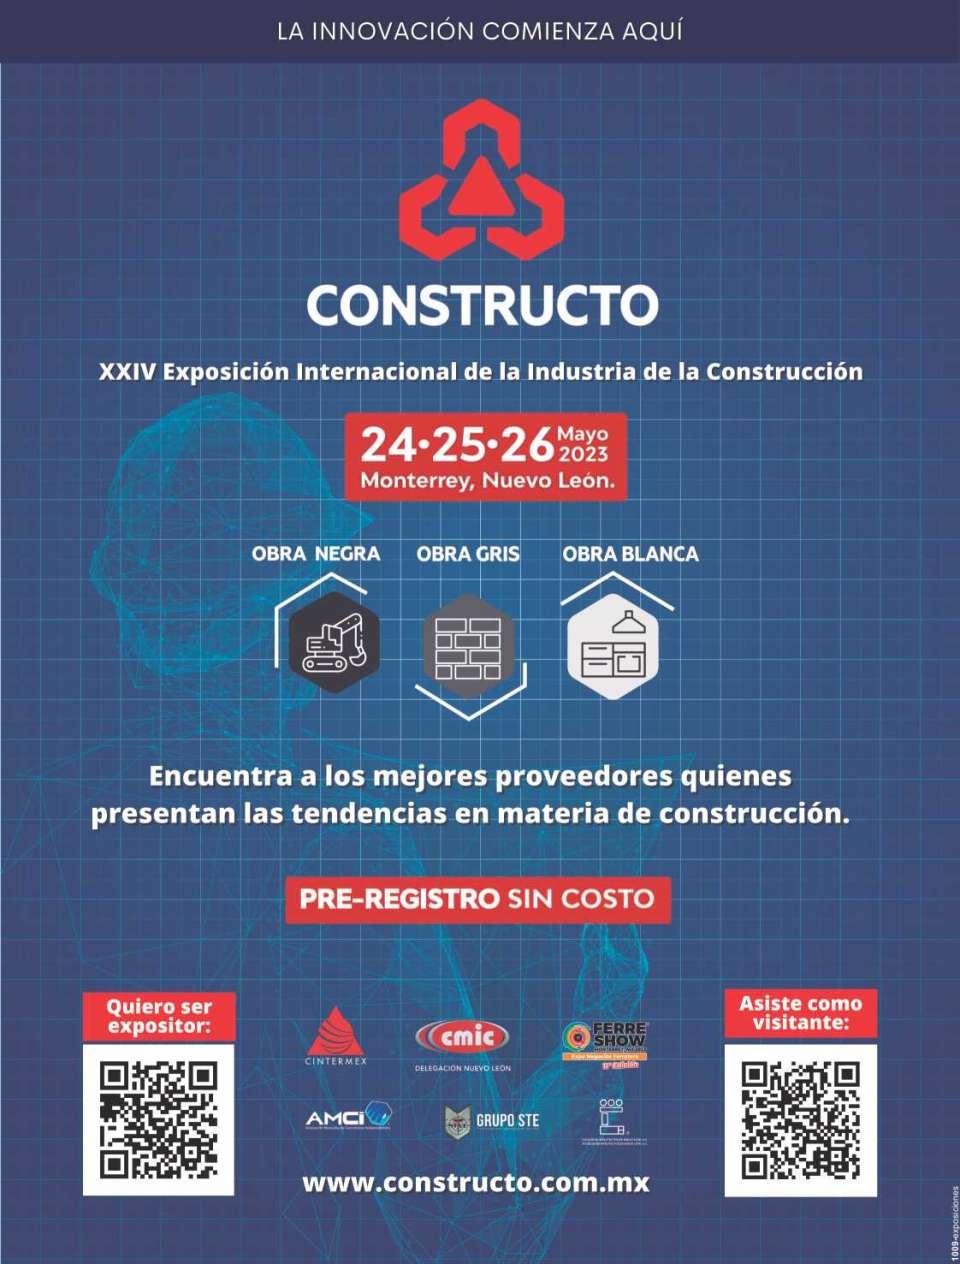 CONSTRUCTO 2017  Exposicion Internacional de la Industria de la Construccion. Cintermex Monterrey 23 al 25 de Agosto 2017.